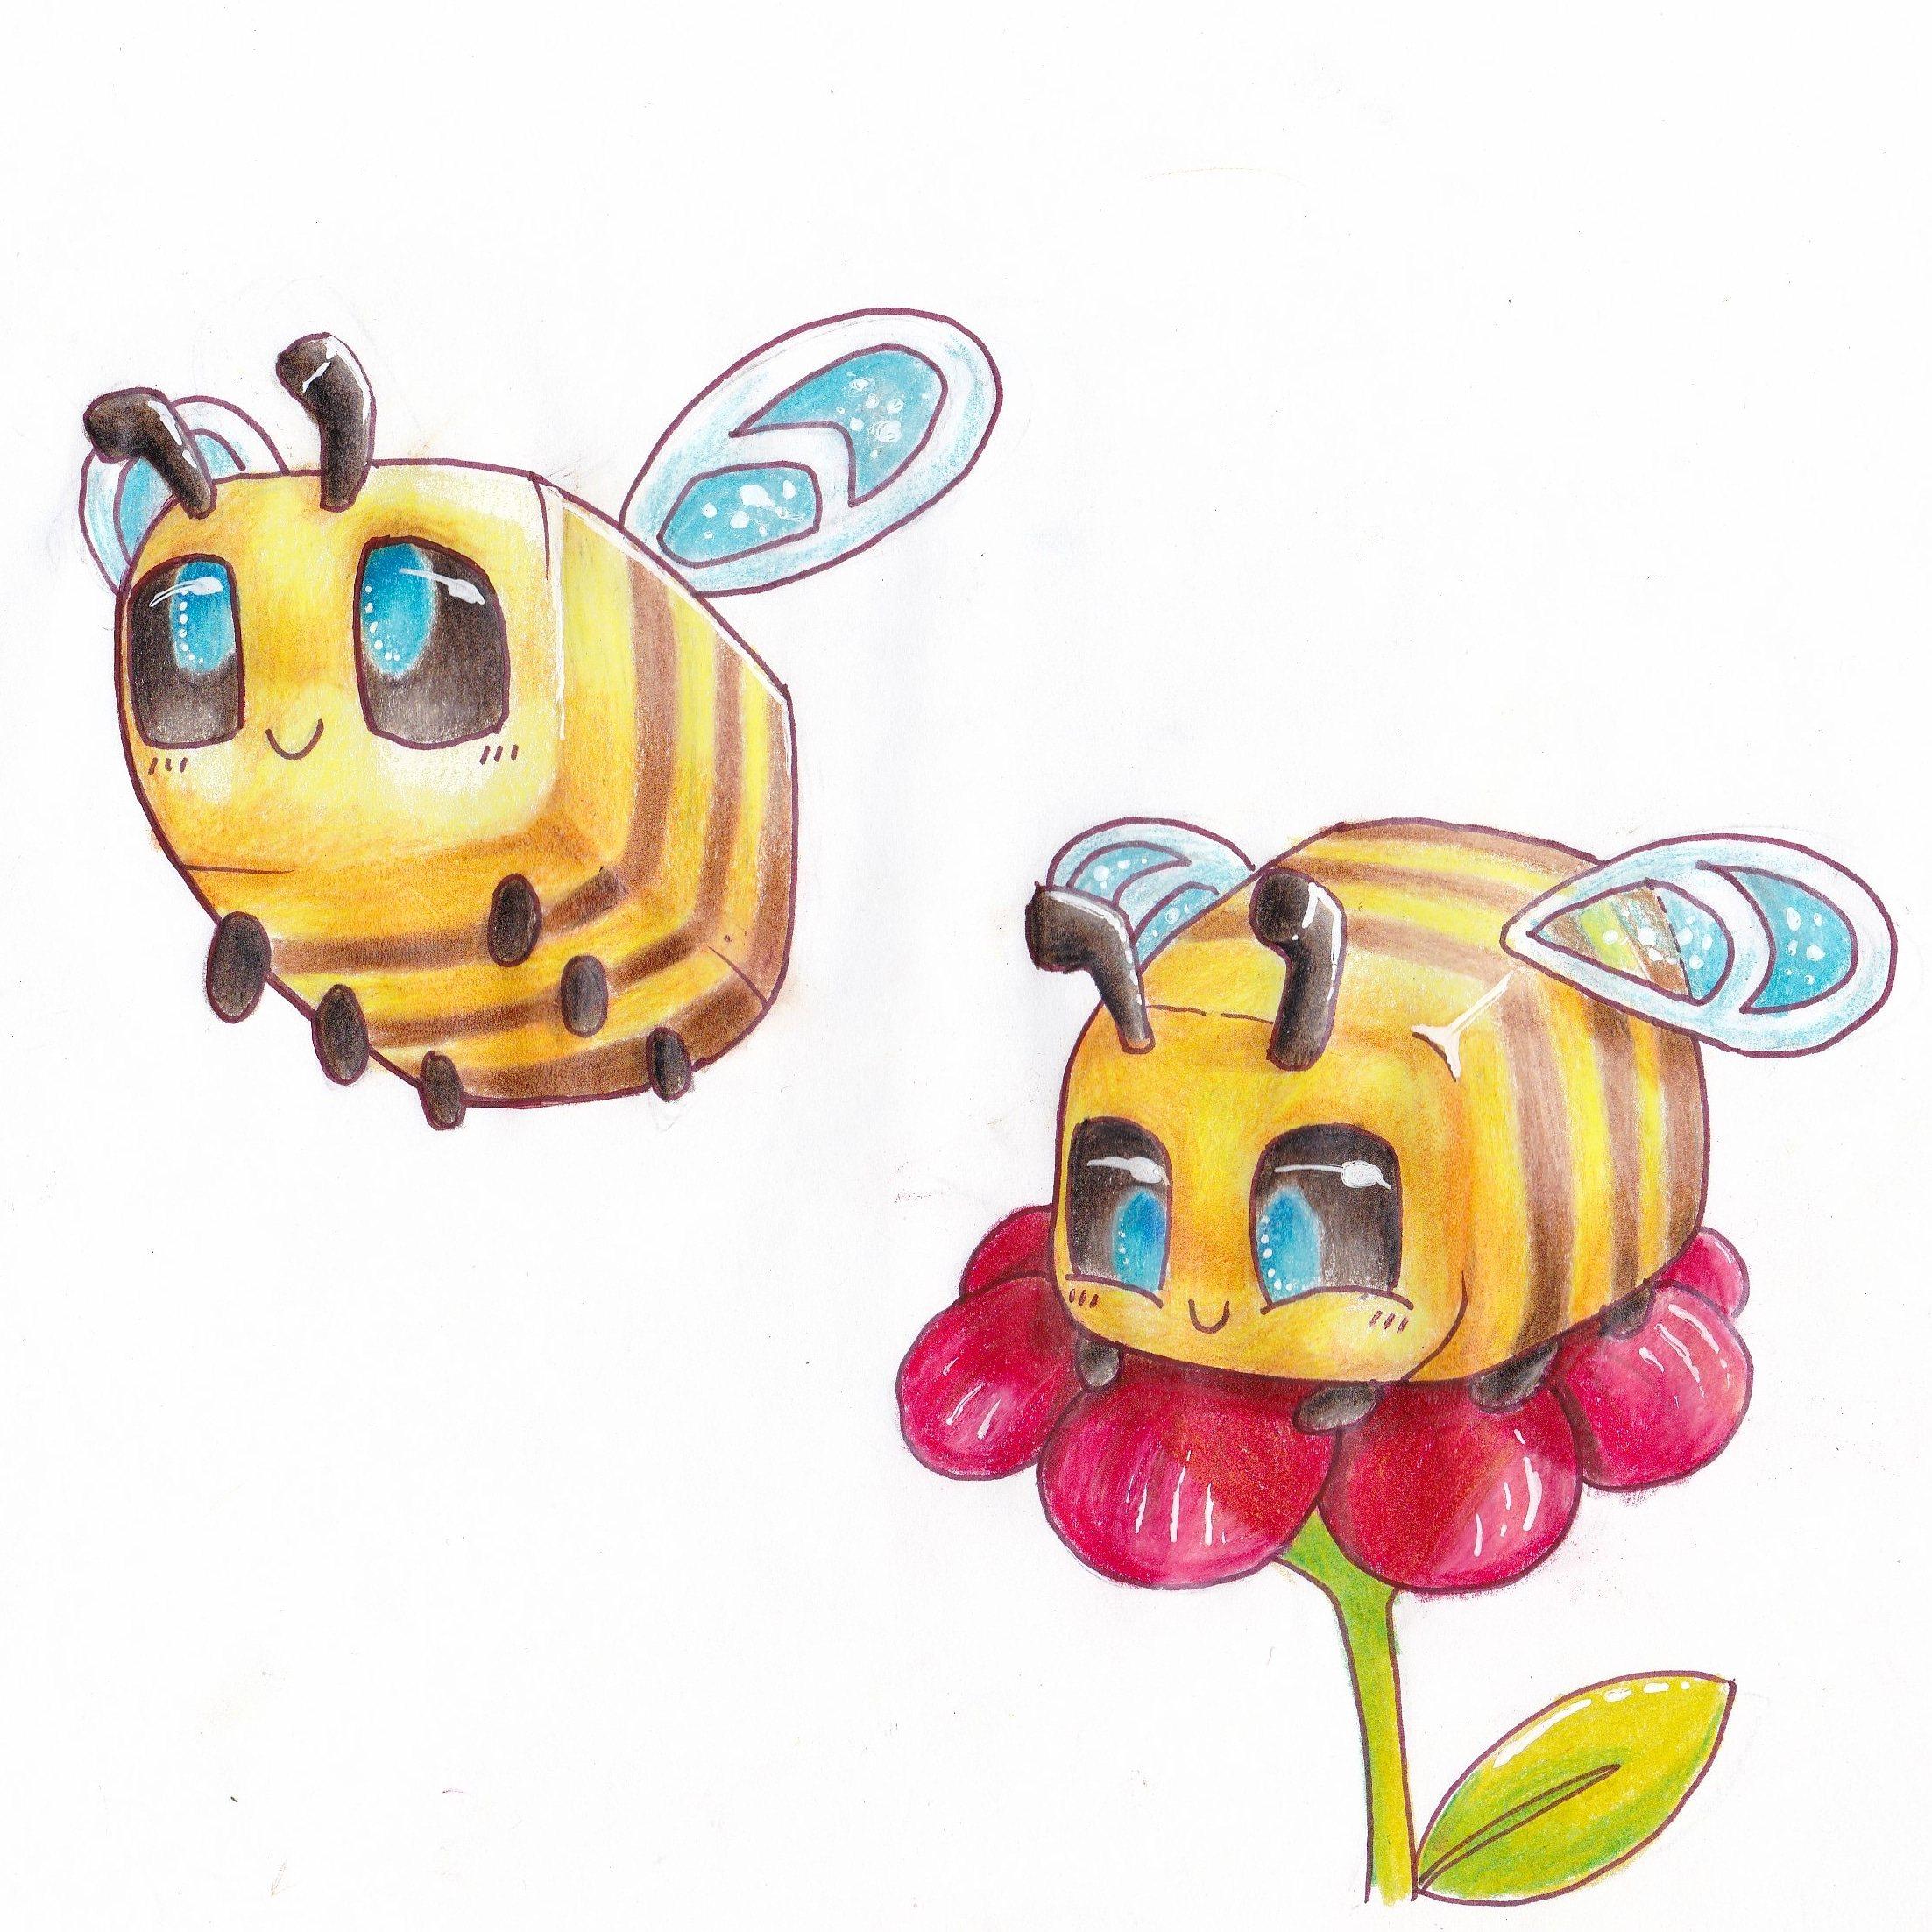 pszczoly_rysunek_005.jpg